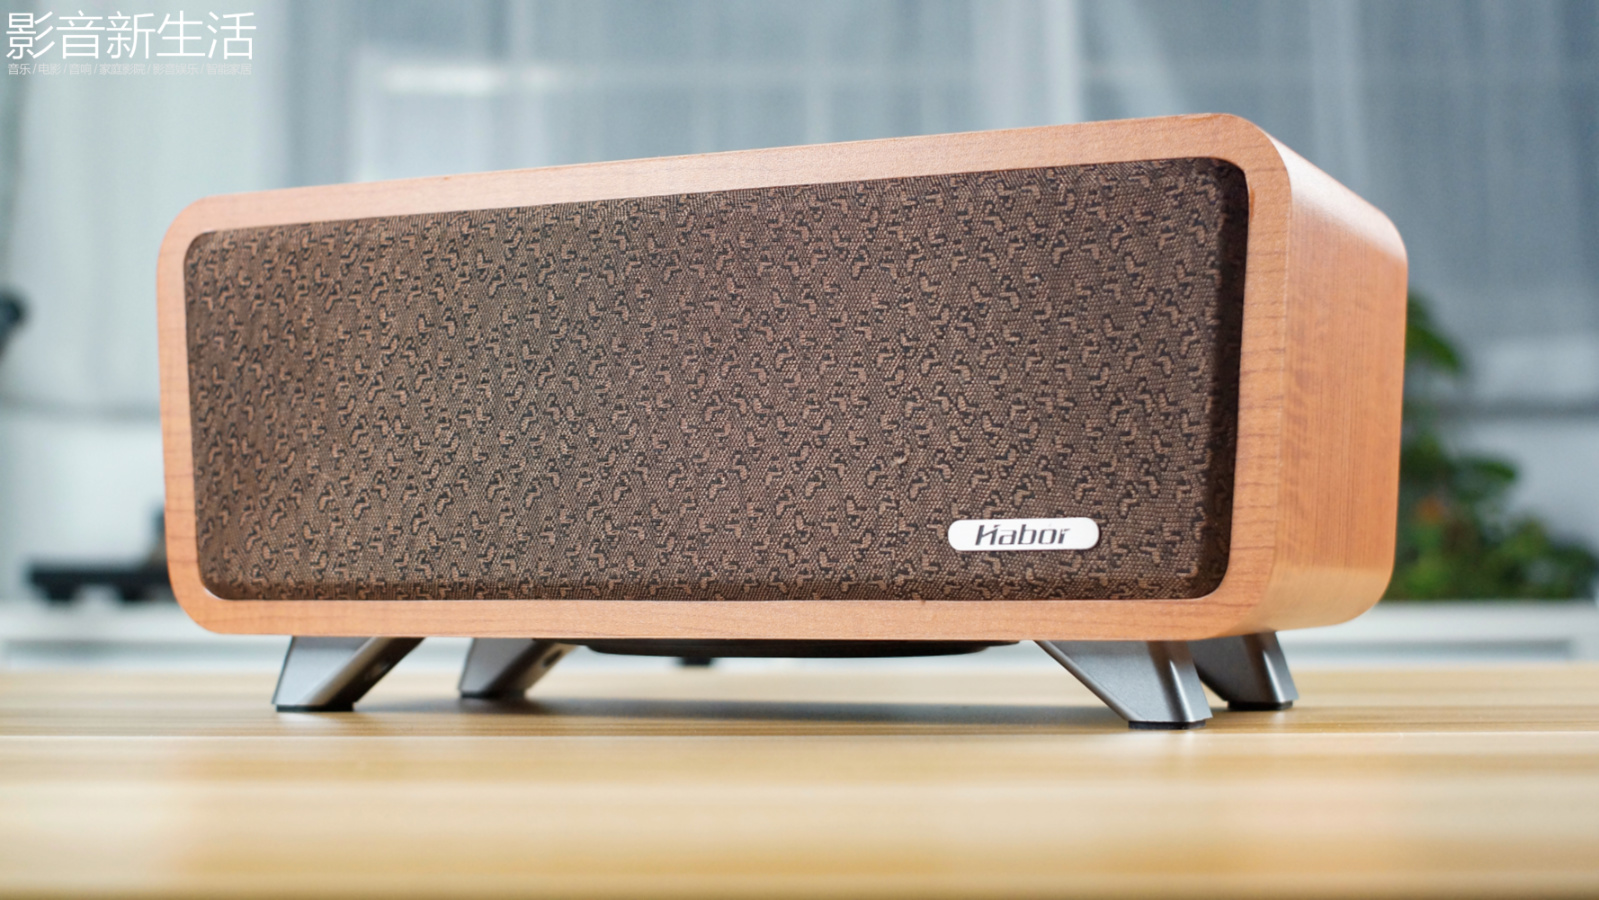 """Habor T50 2 - 新品  """"复古工艺,唯美声音"""" Habor 哈勃 T50 蓝牙音箱"""